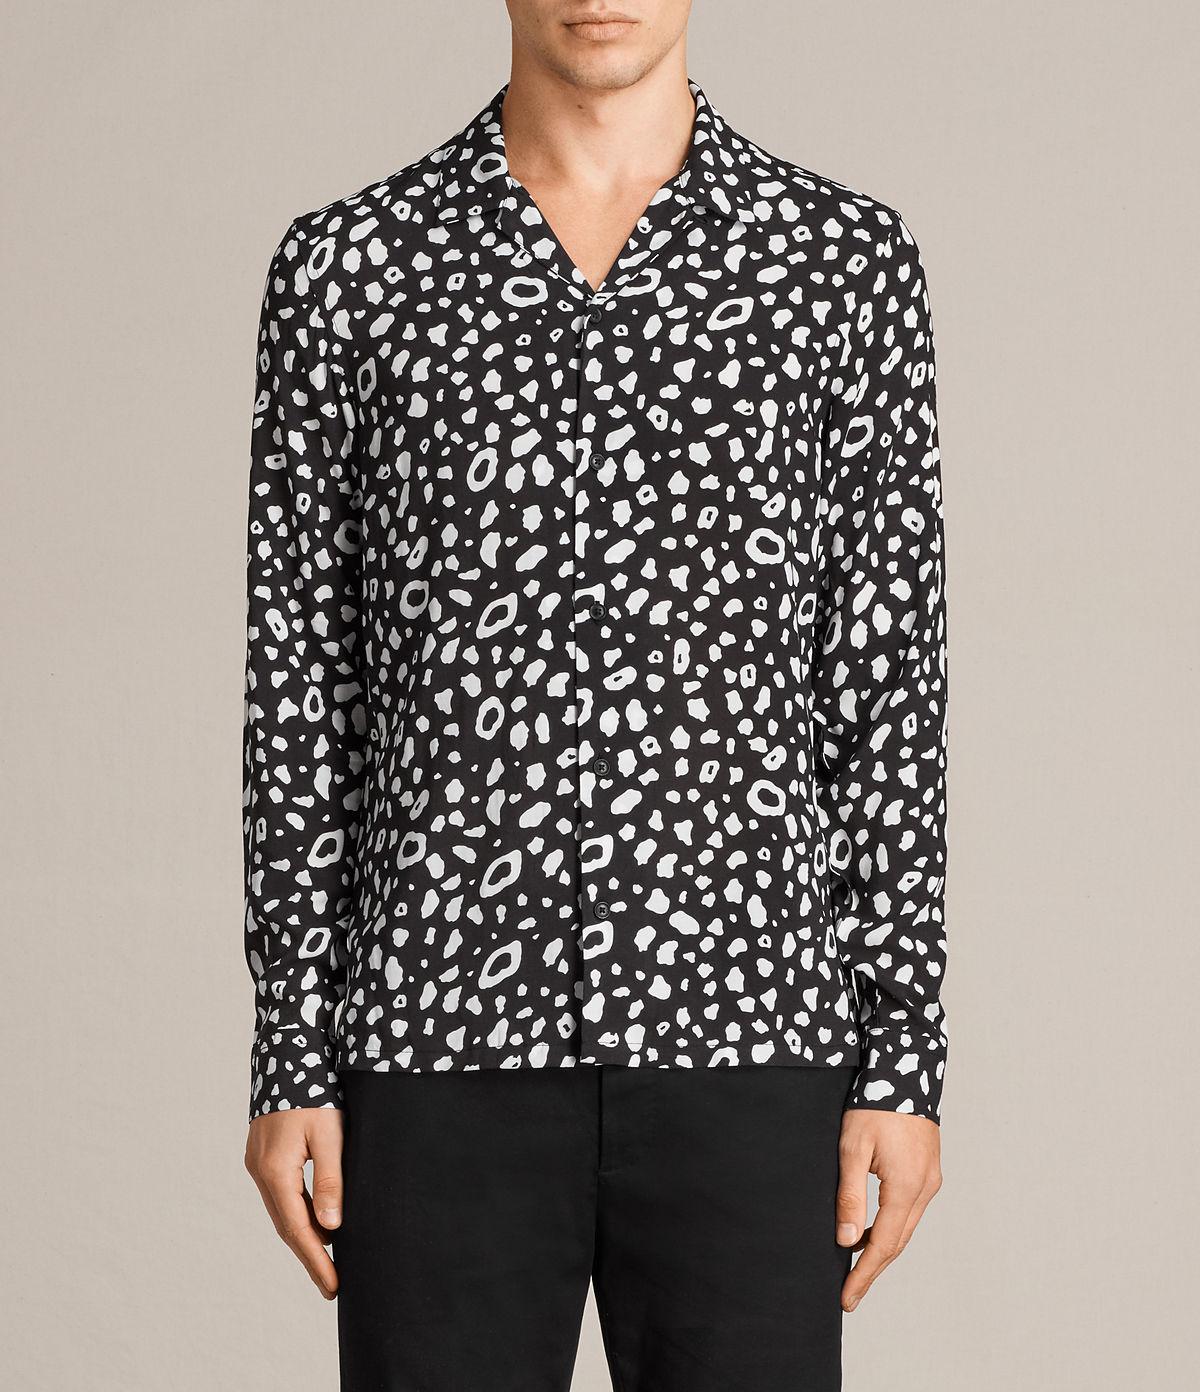 panther-shirt